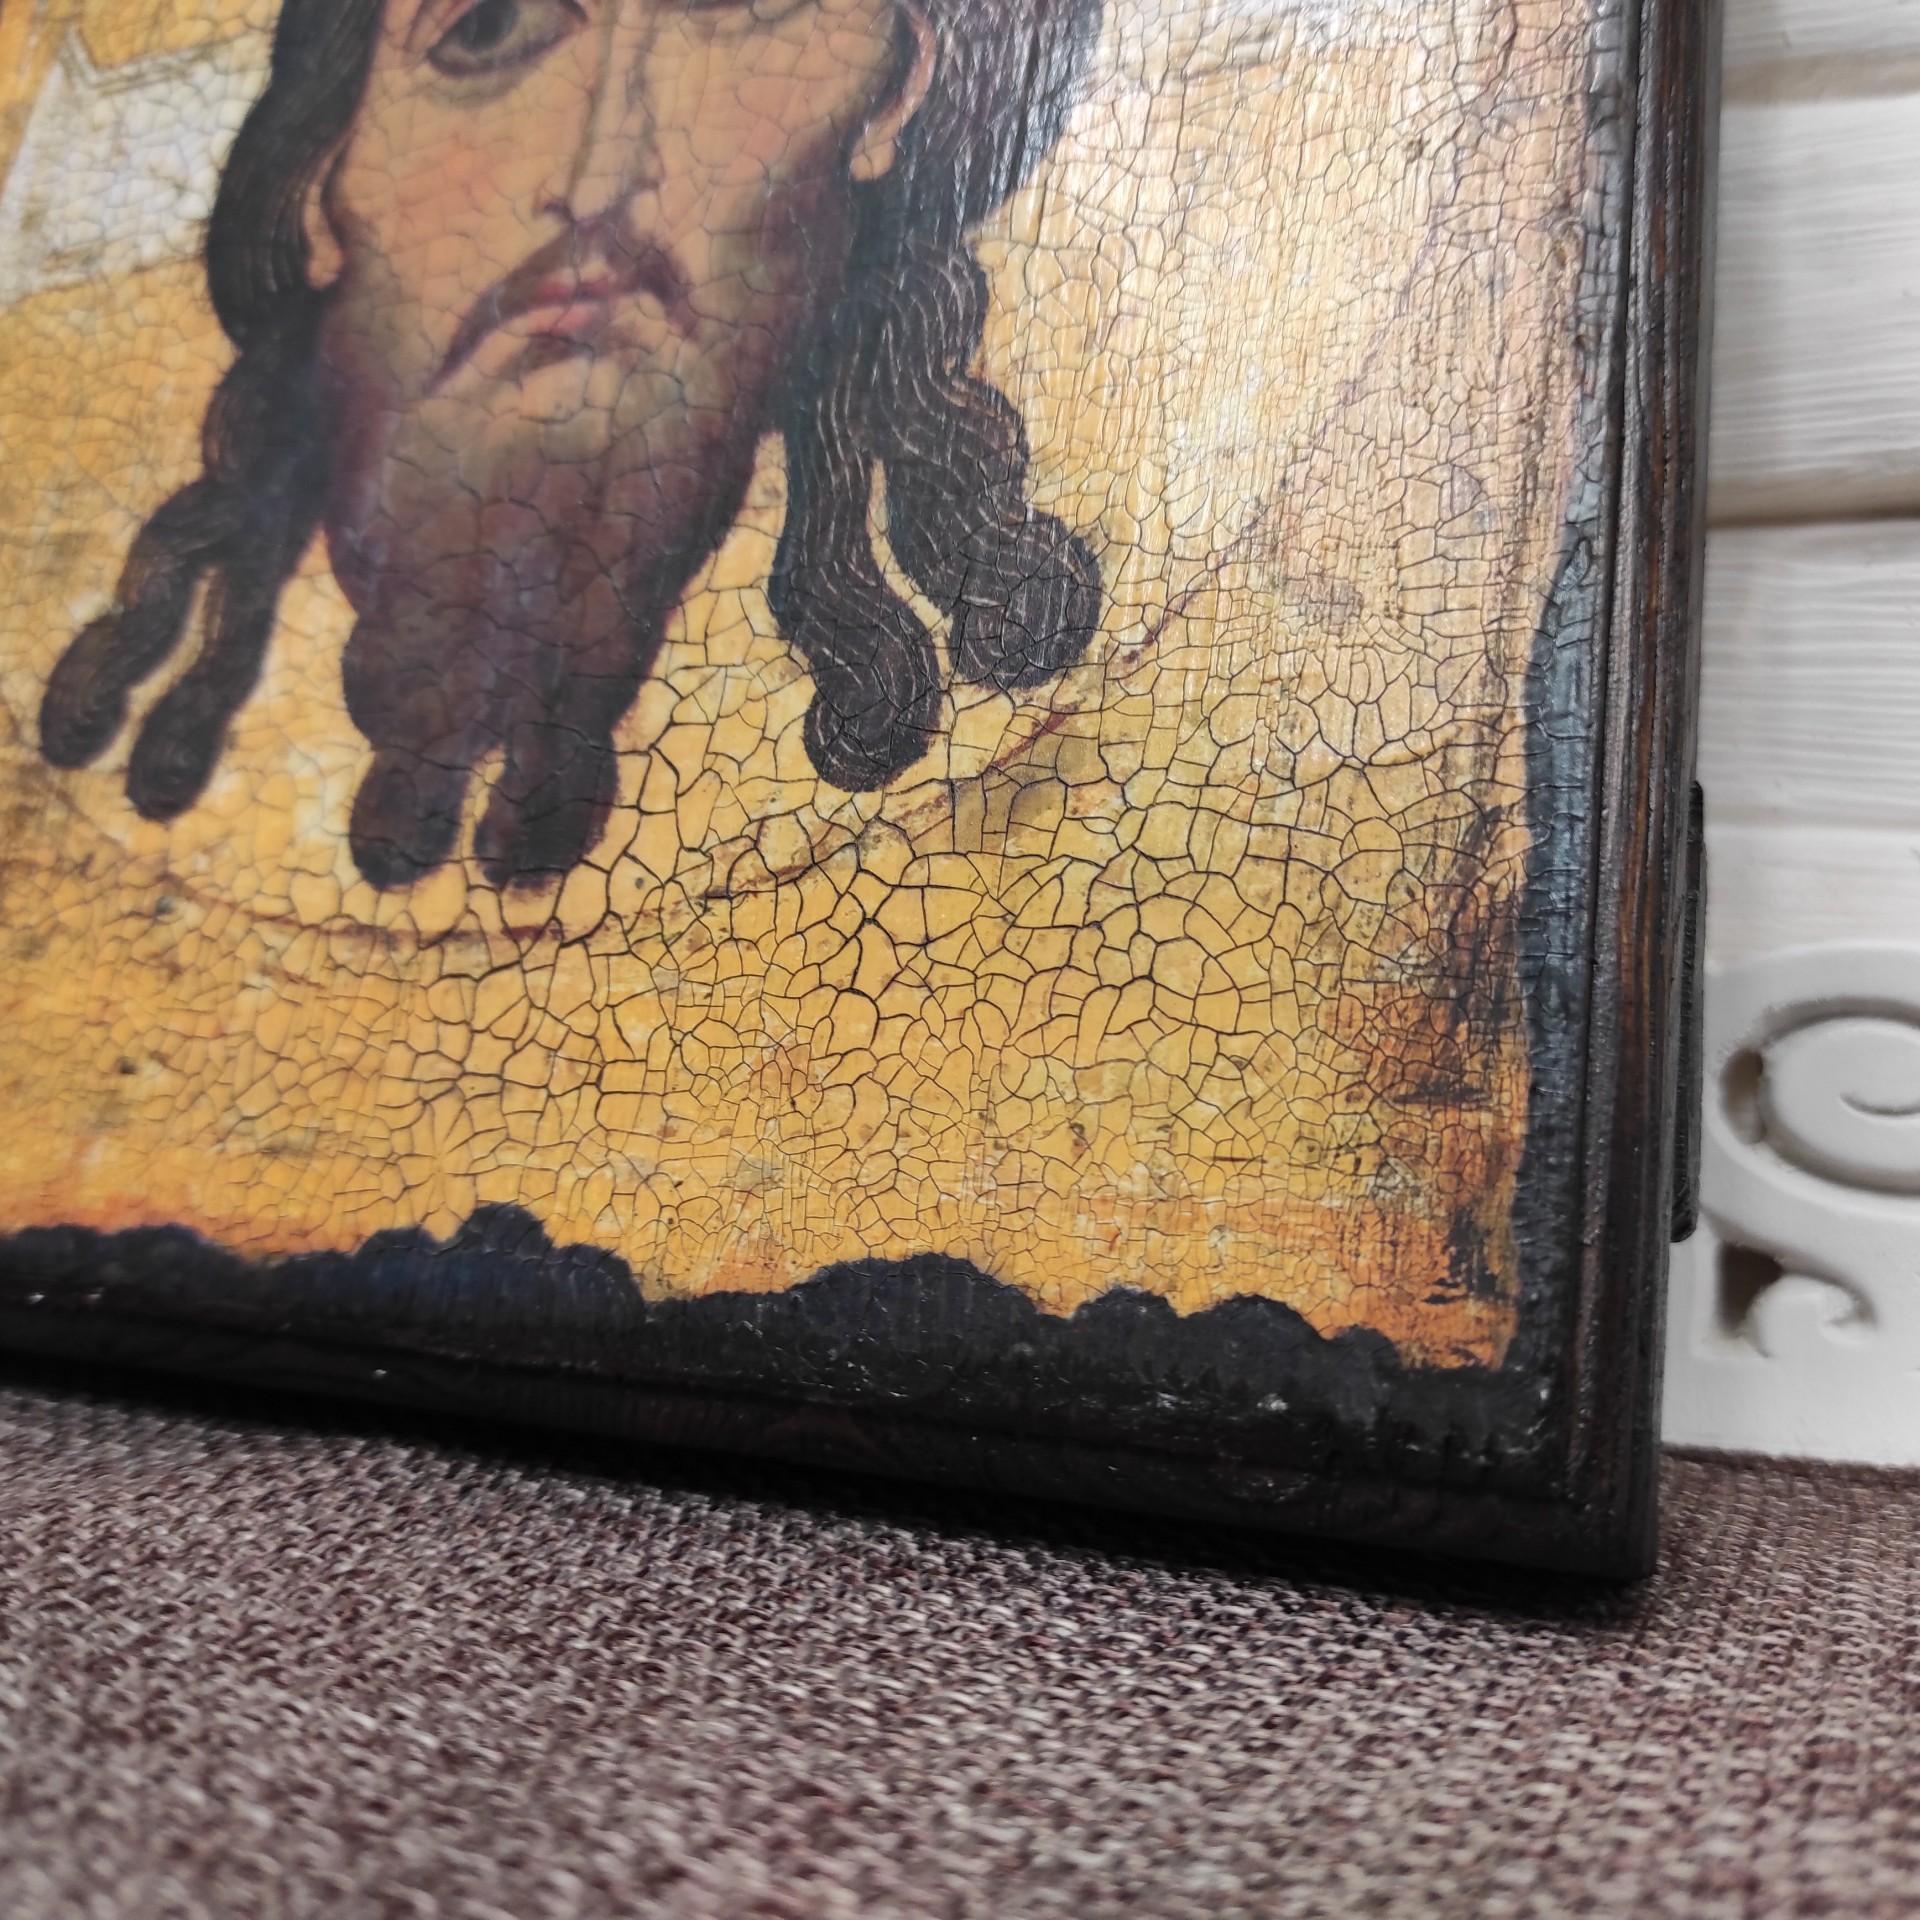 Фото правый нижний угол Спас Нерукотворный икона под старину, массив сосны